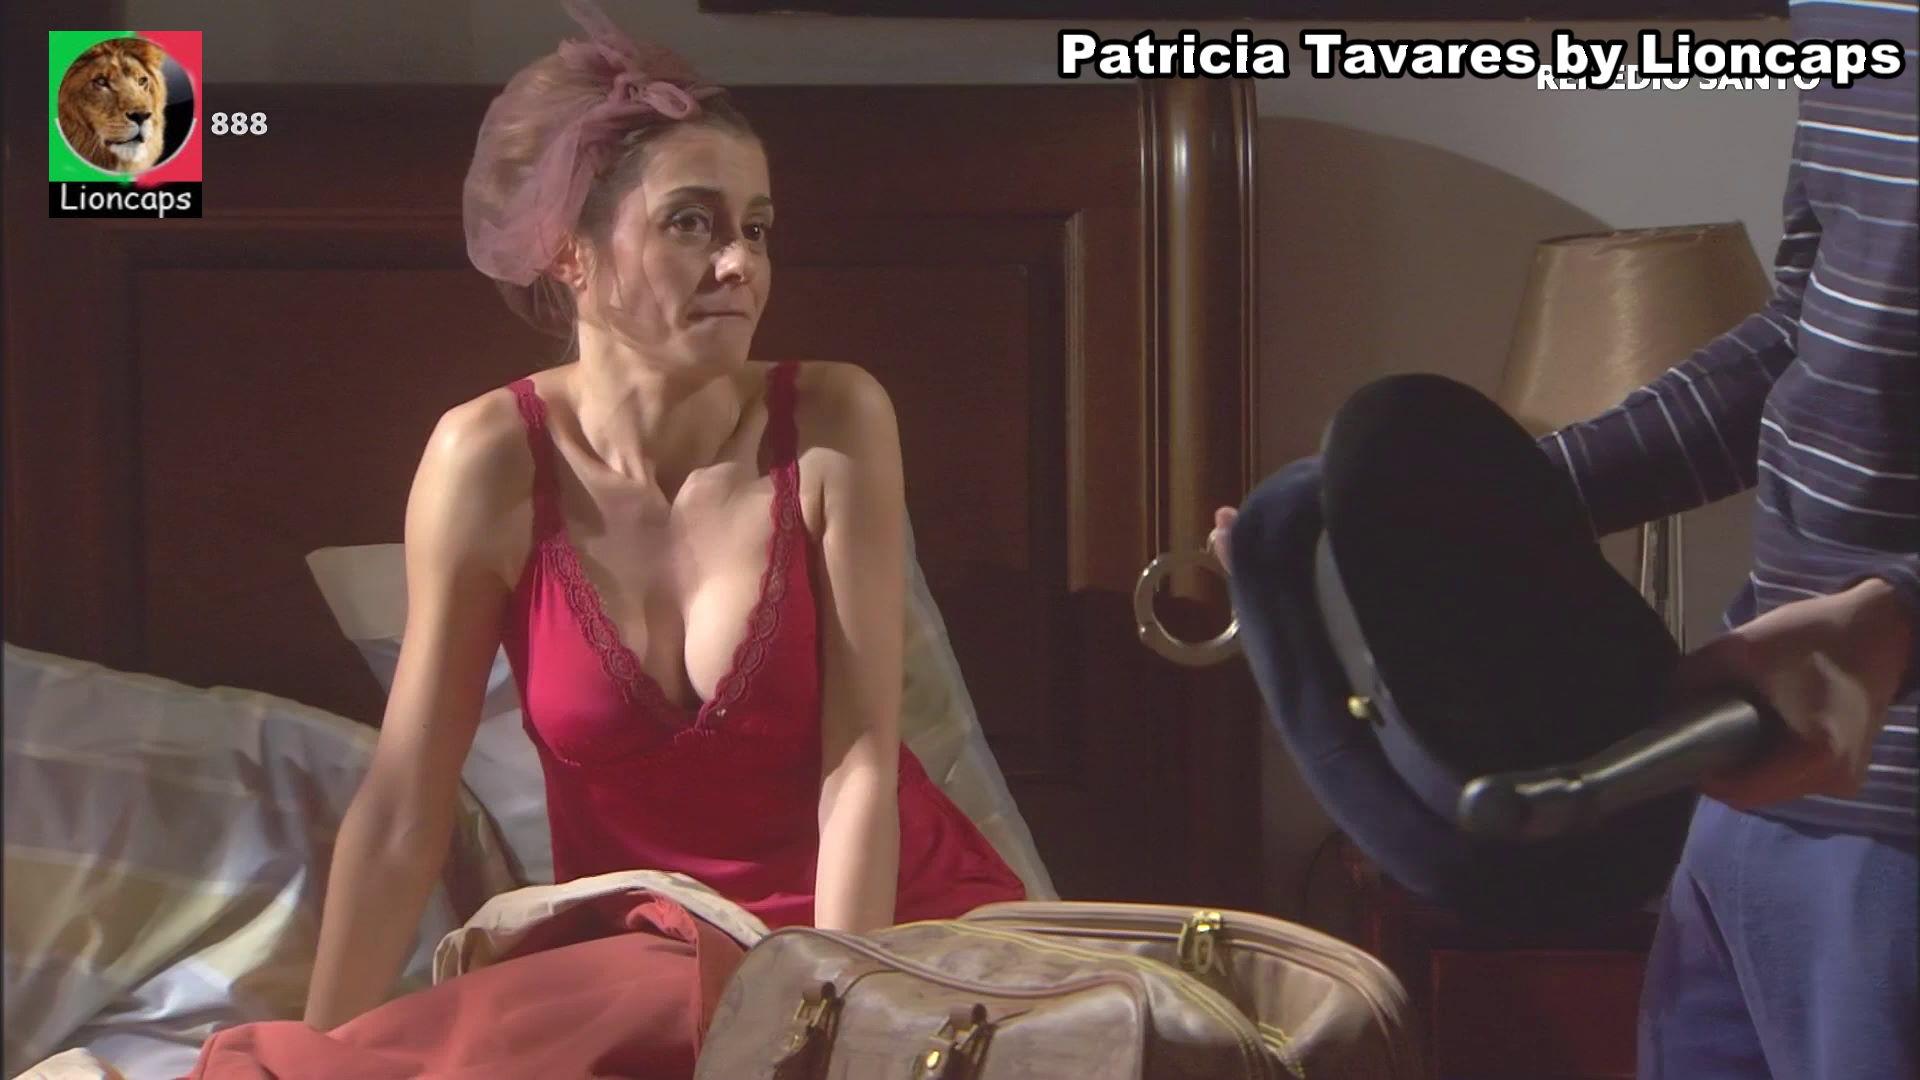 160243347_patricia_tavares_vs200325_12328_122_382lo.JPG